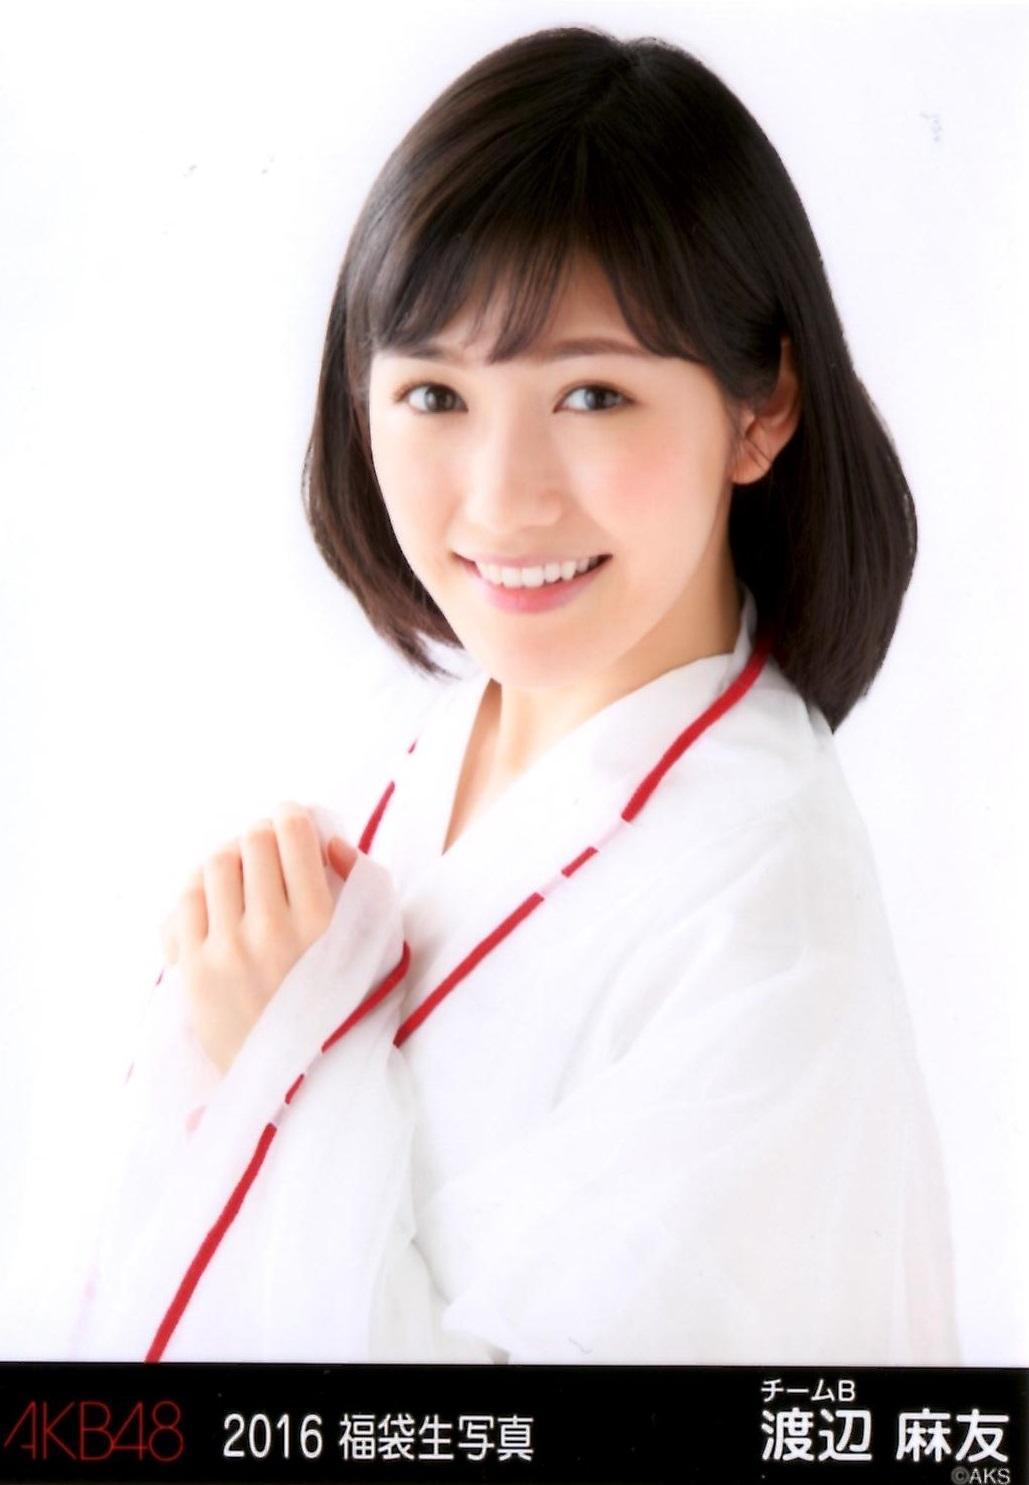 福袋の【まゆゆ】生写真は御利益ありそう\(^o^)/